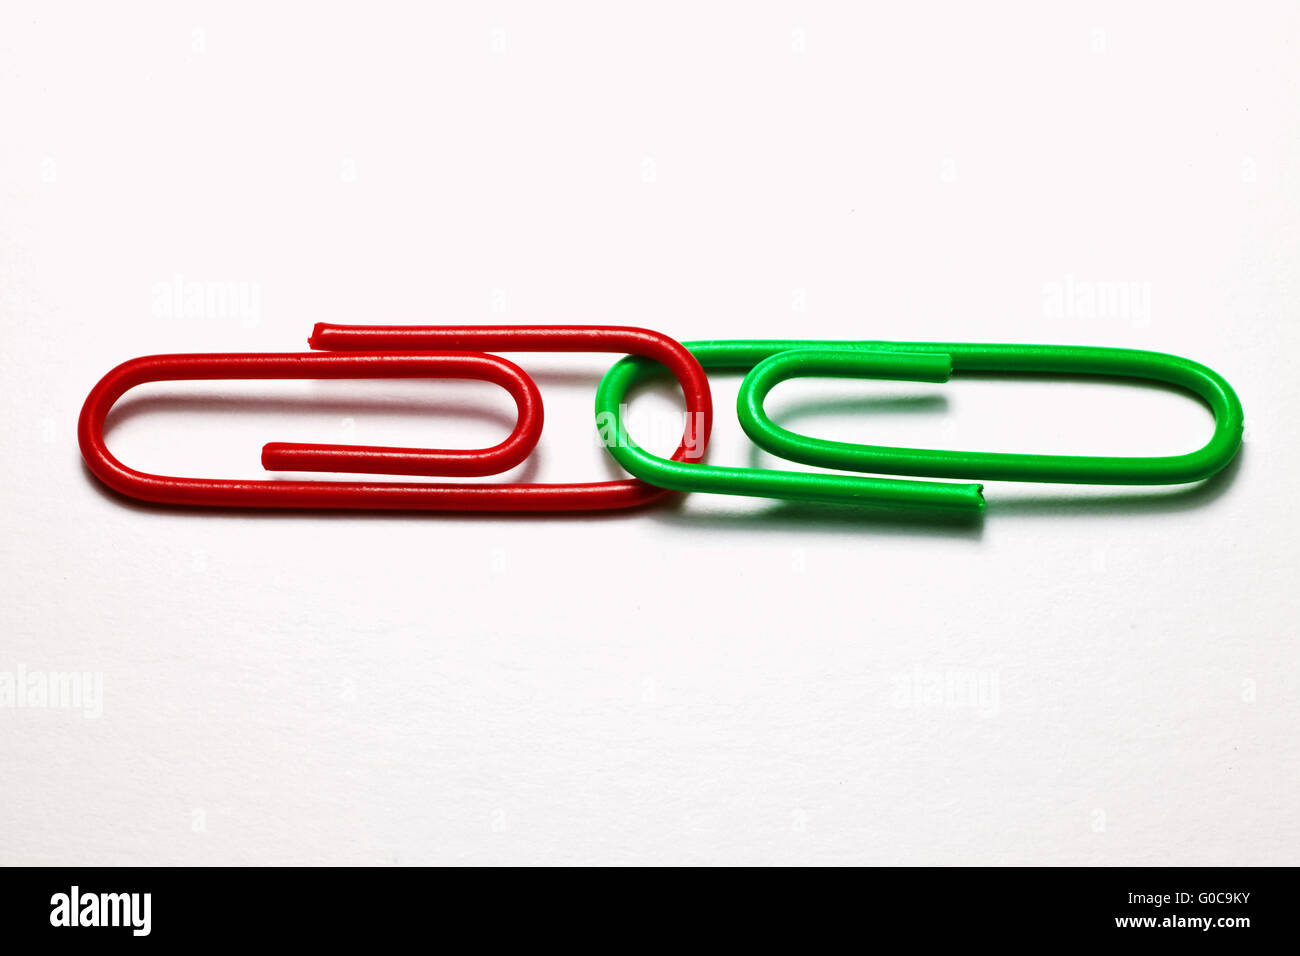 Le rouge et le vert les trombones, image symbolique Photo Stock